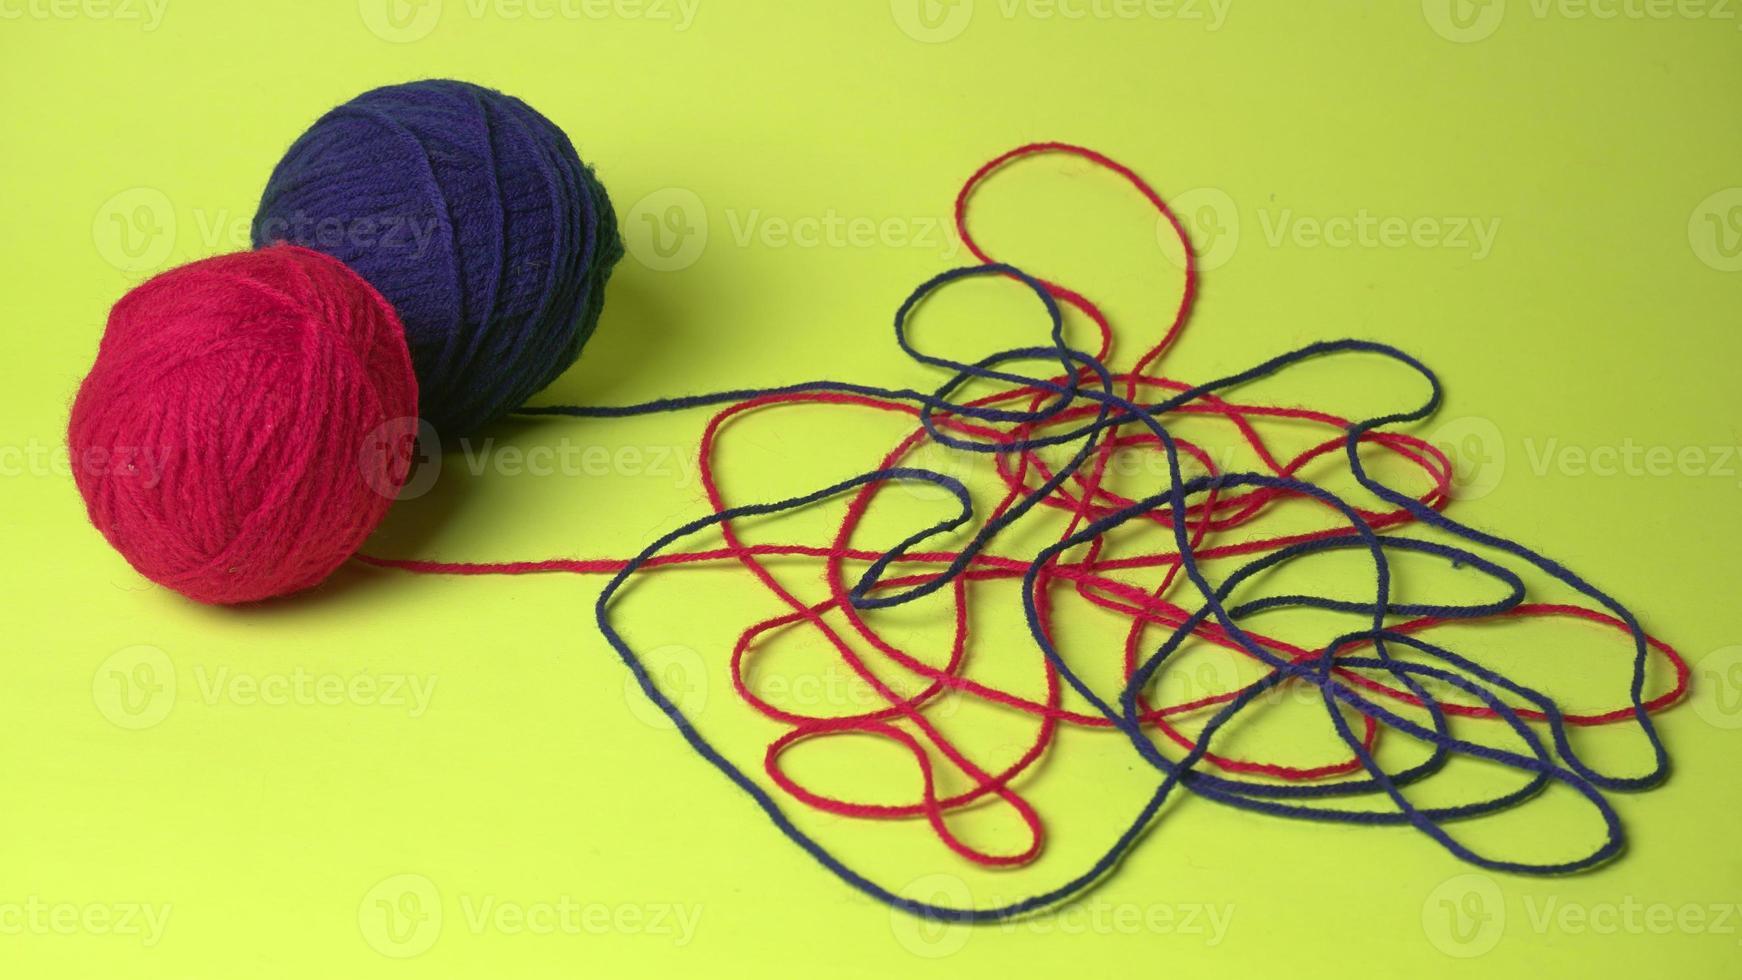 fils de couleur, aiguilles à tricoter et vêtements sur la table en bois photo